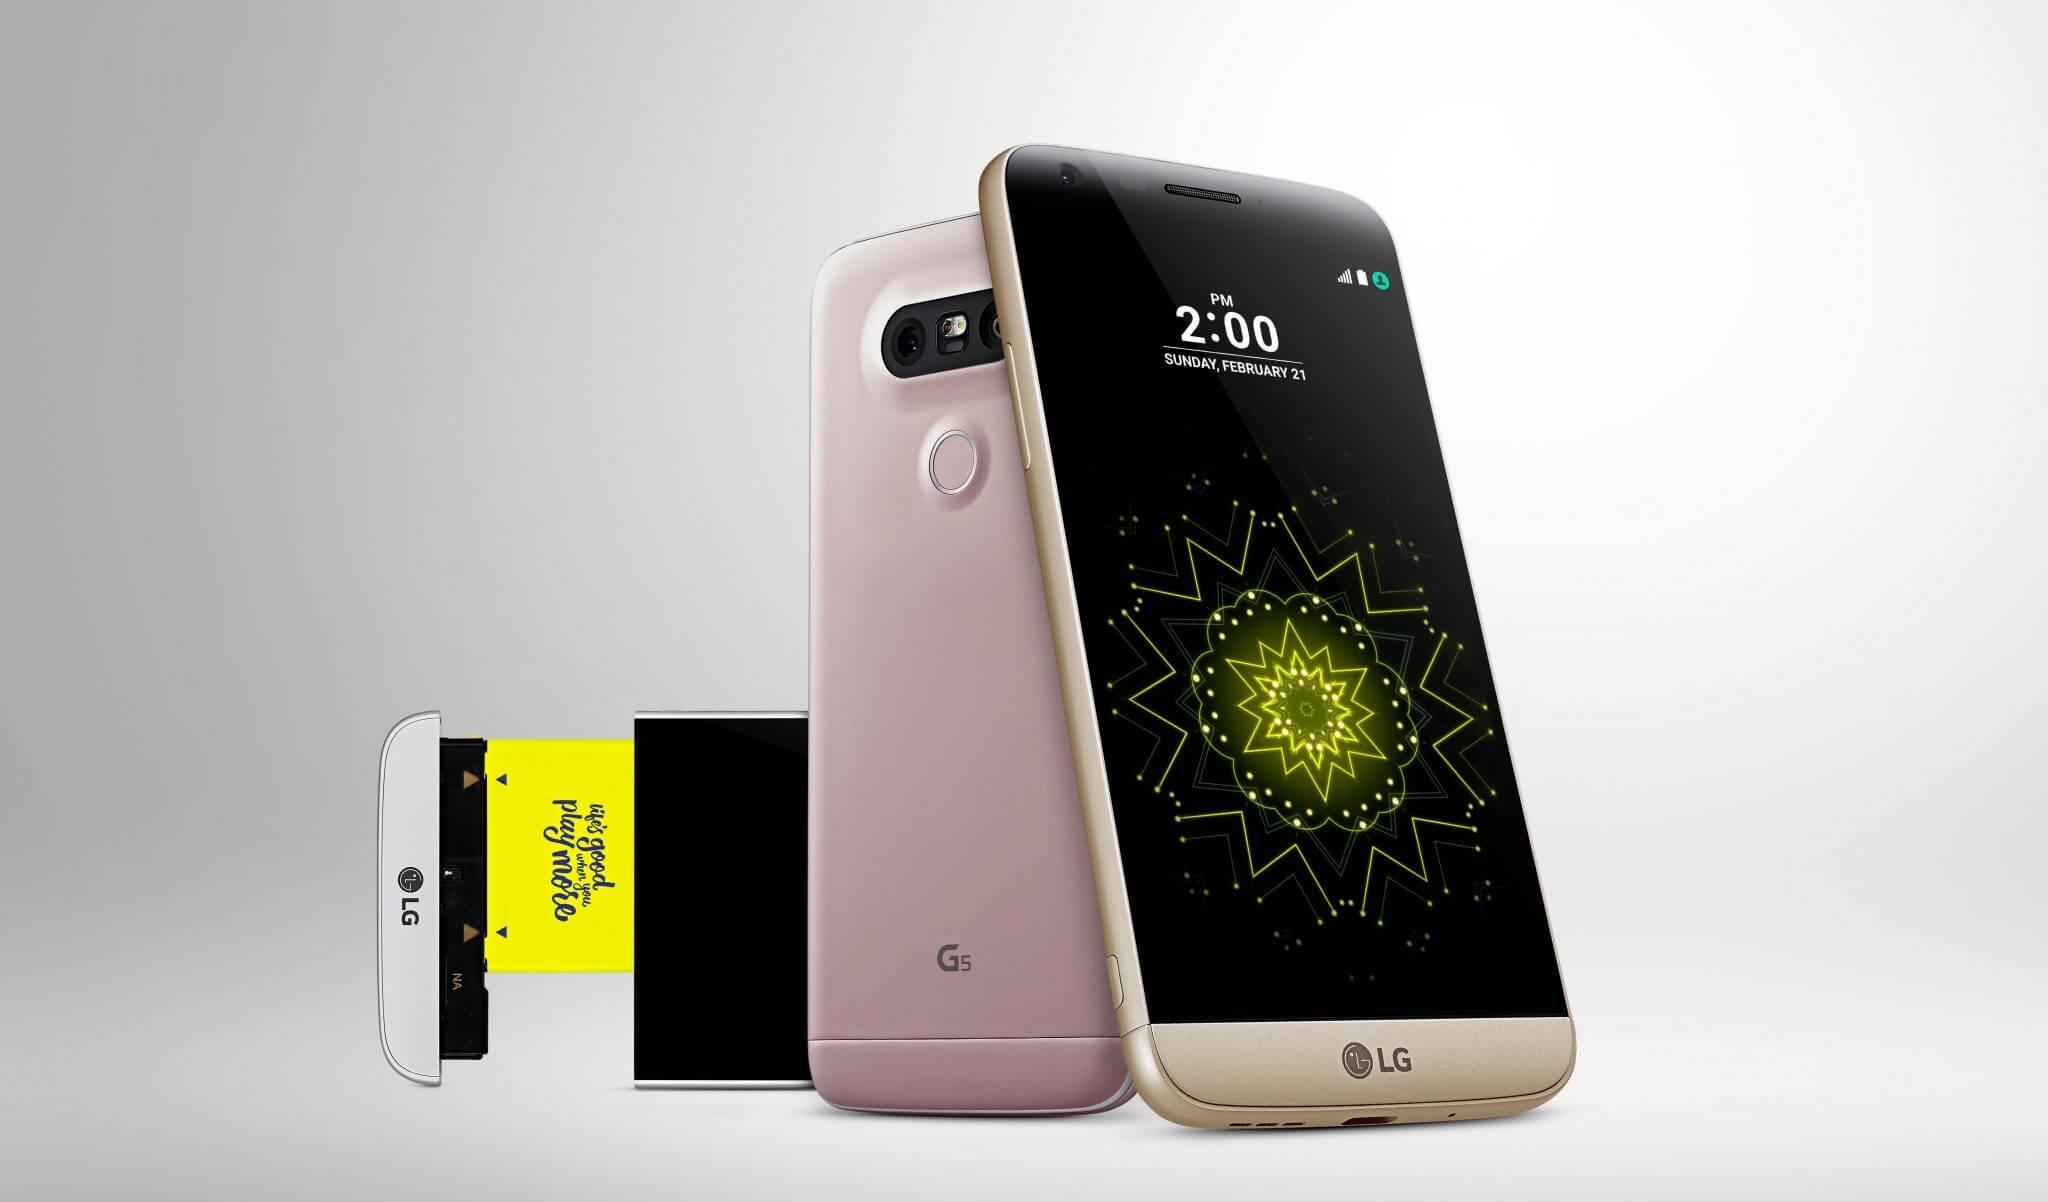 Smartphone modular, LG G5 SE desembarca no Brasil como carro-chefe da empresa